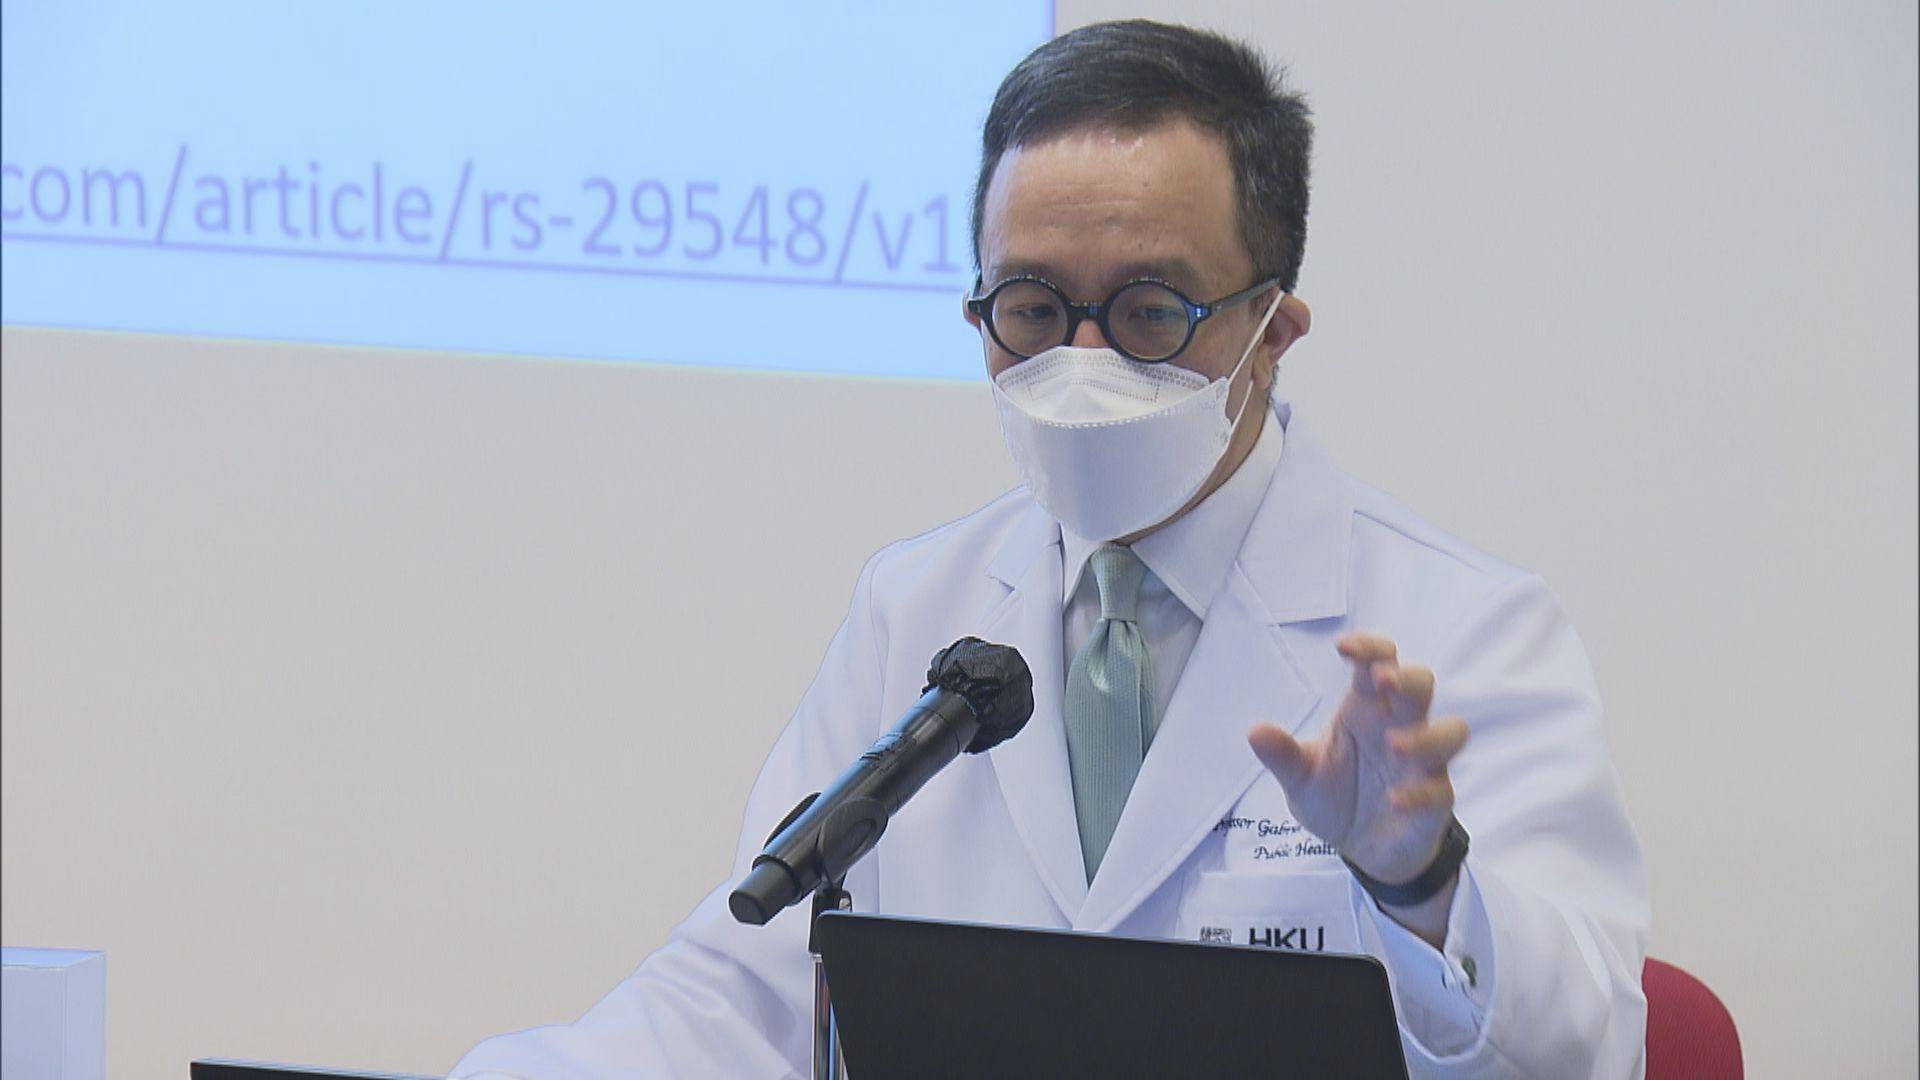 梁卓偉倡每日檢測量提升至一萬 以盡早識別隱形病人